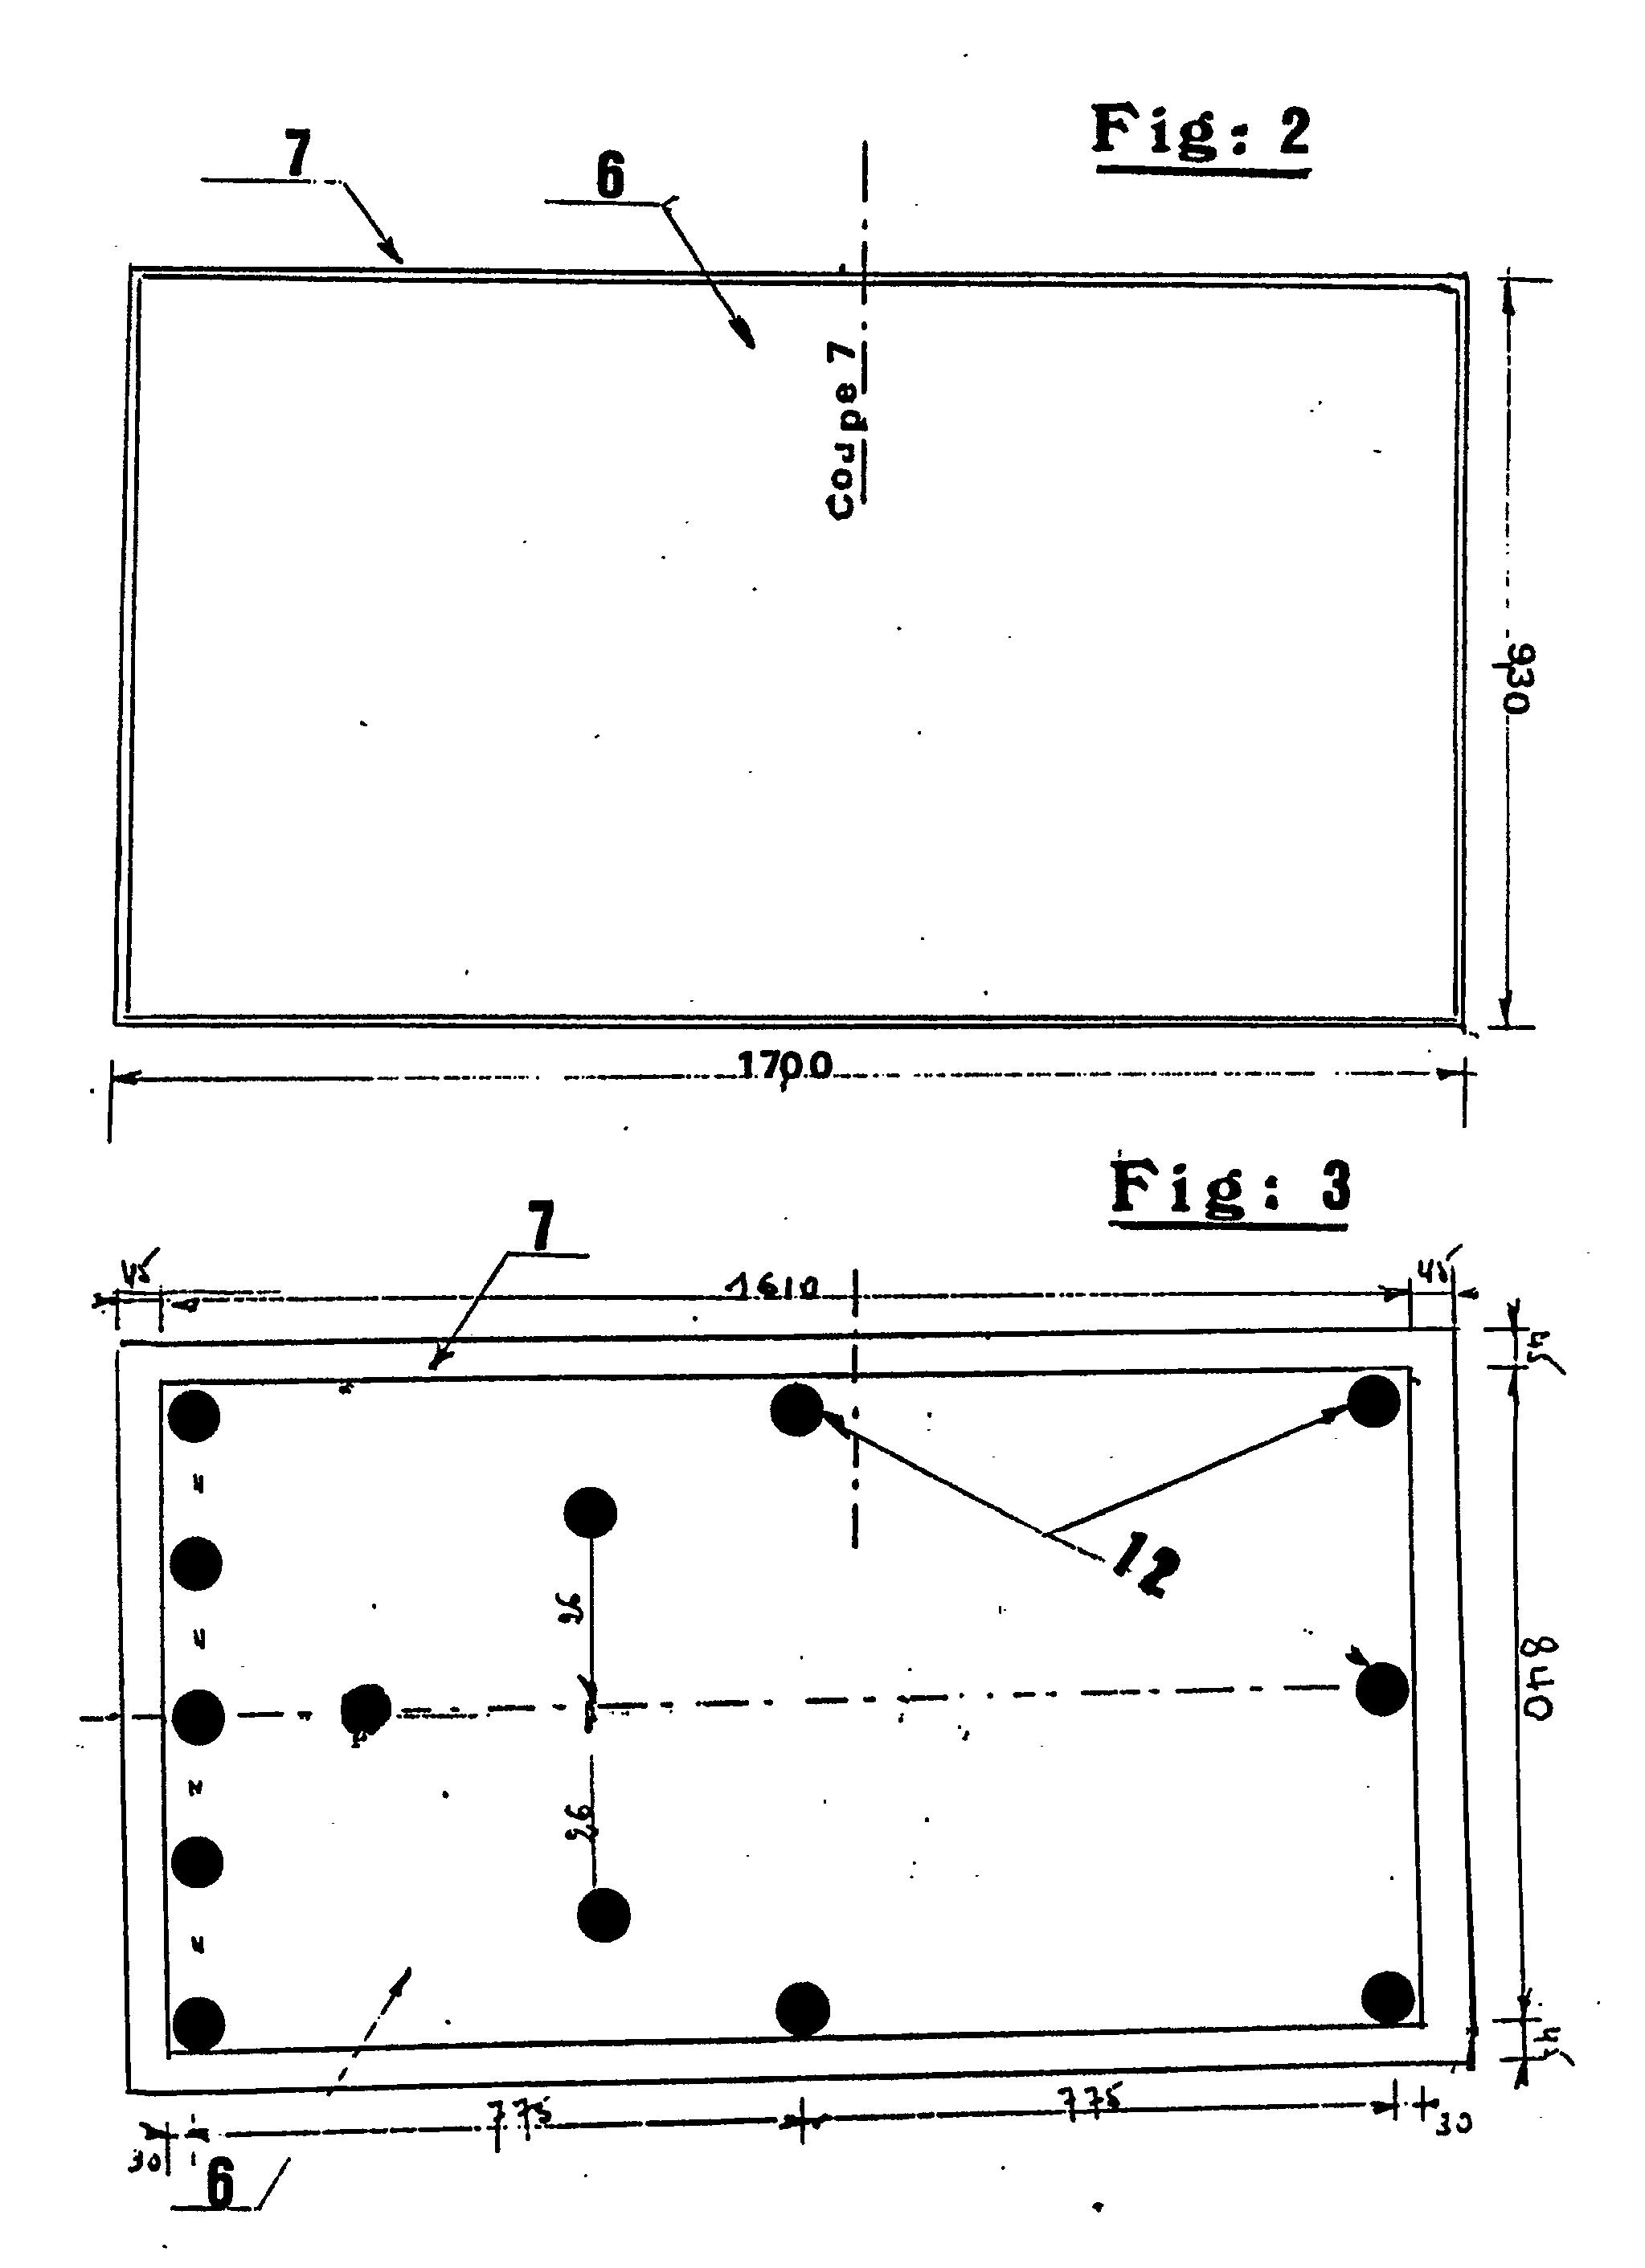 Patent ep0428809a1 table d montable r glable en hauteur pour jeux simultan s de ping pong - Dimension d une table de ping pong ...